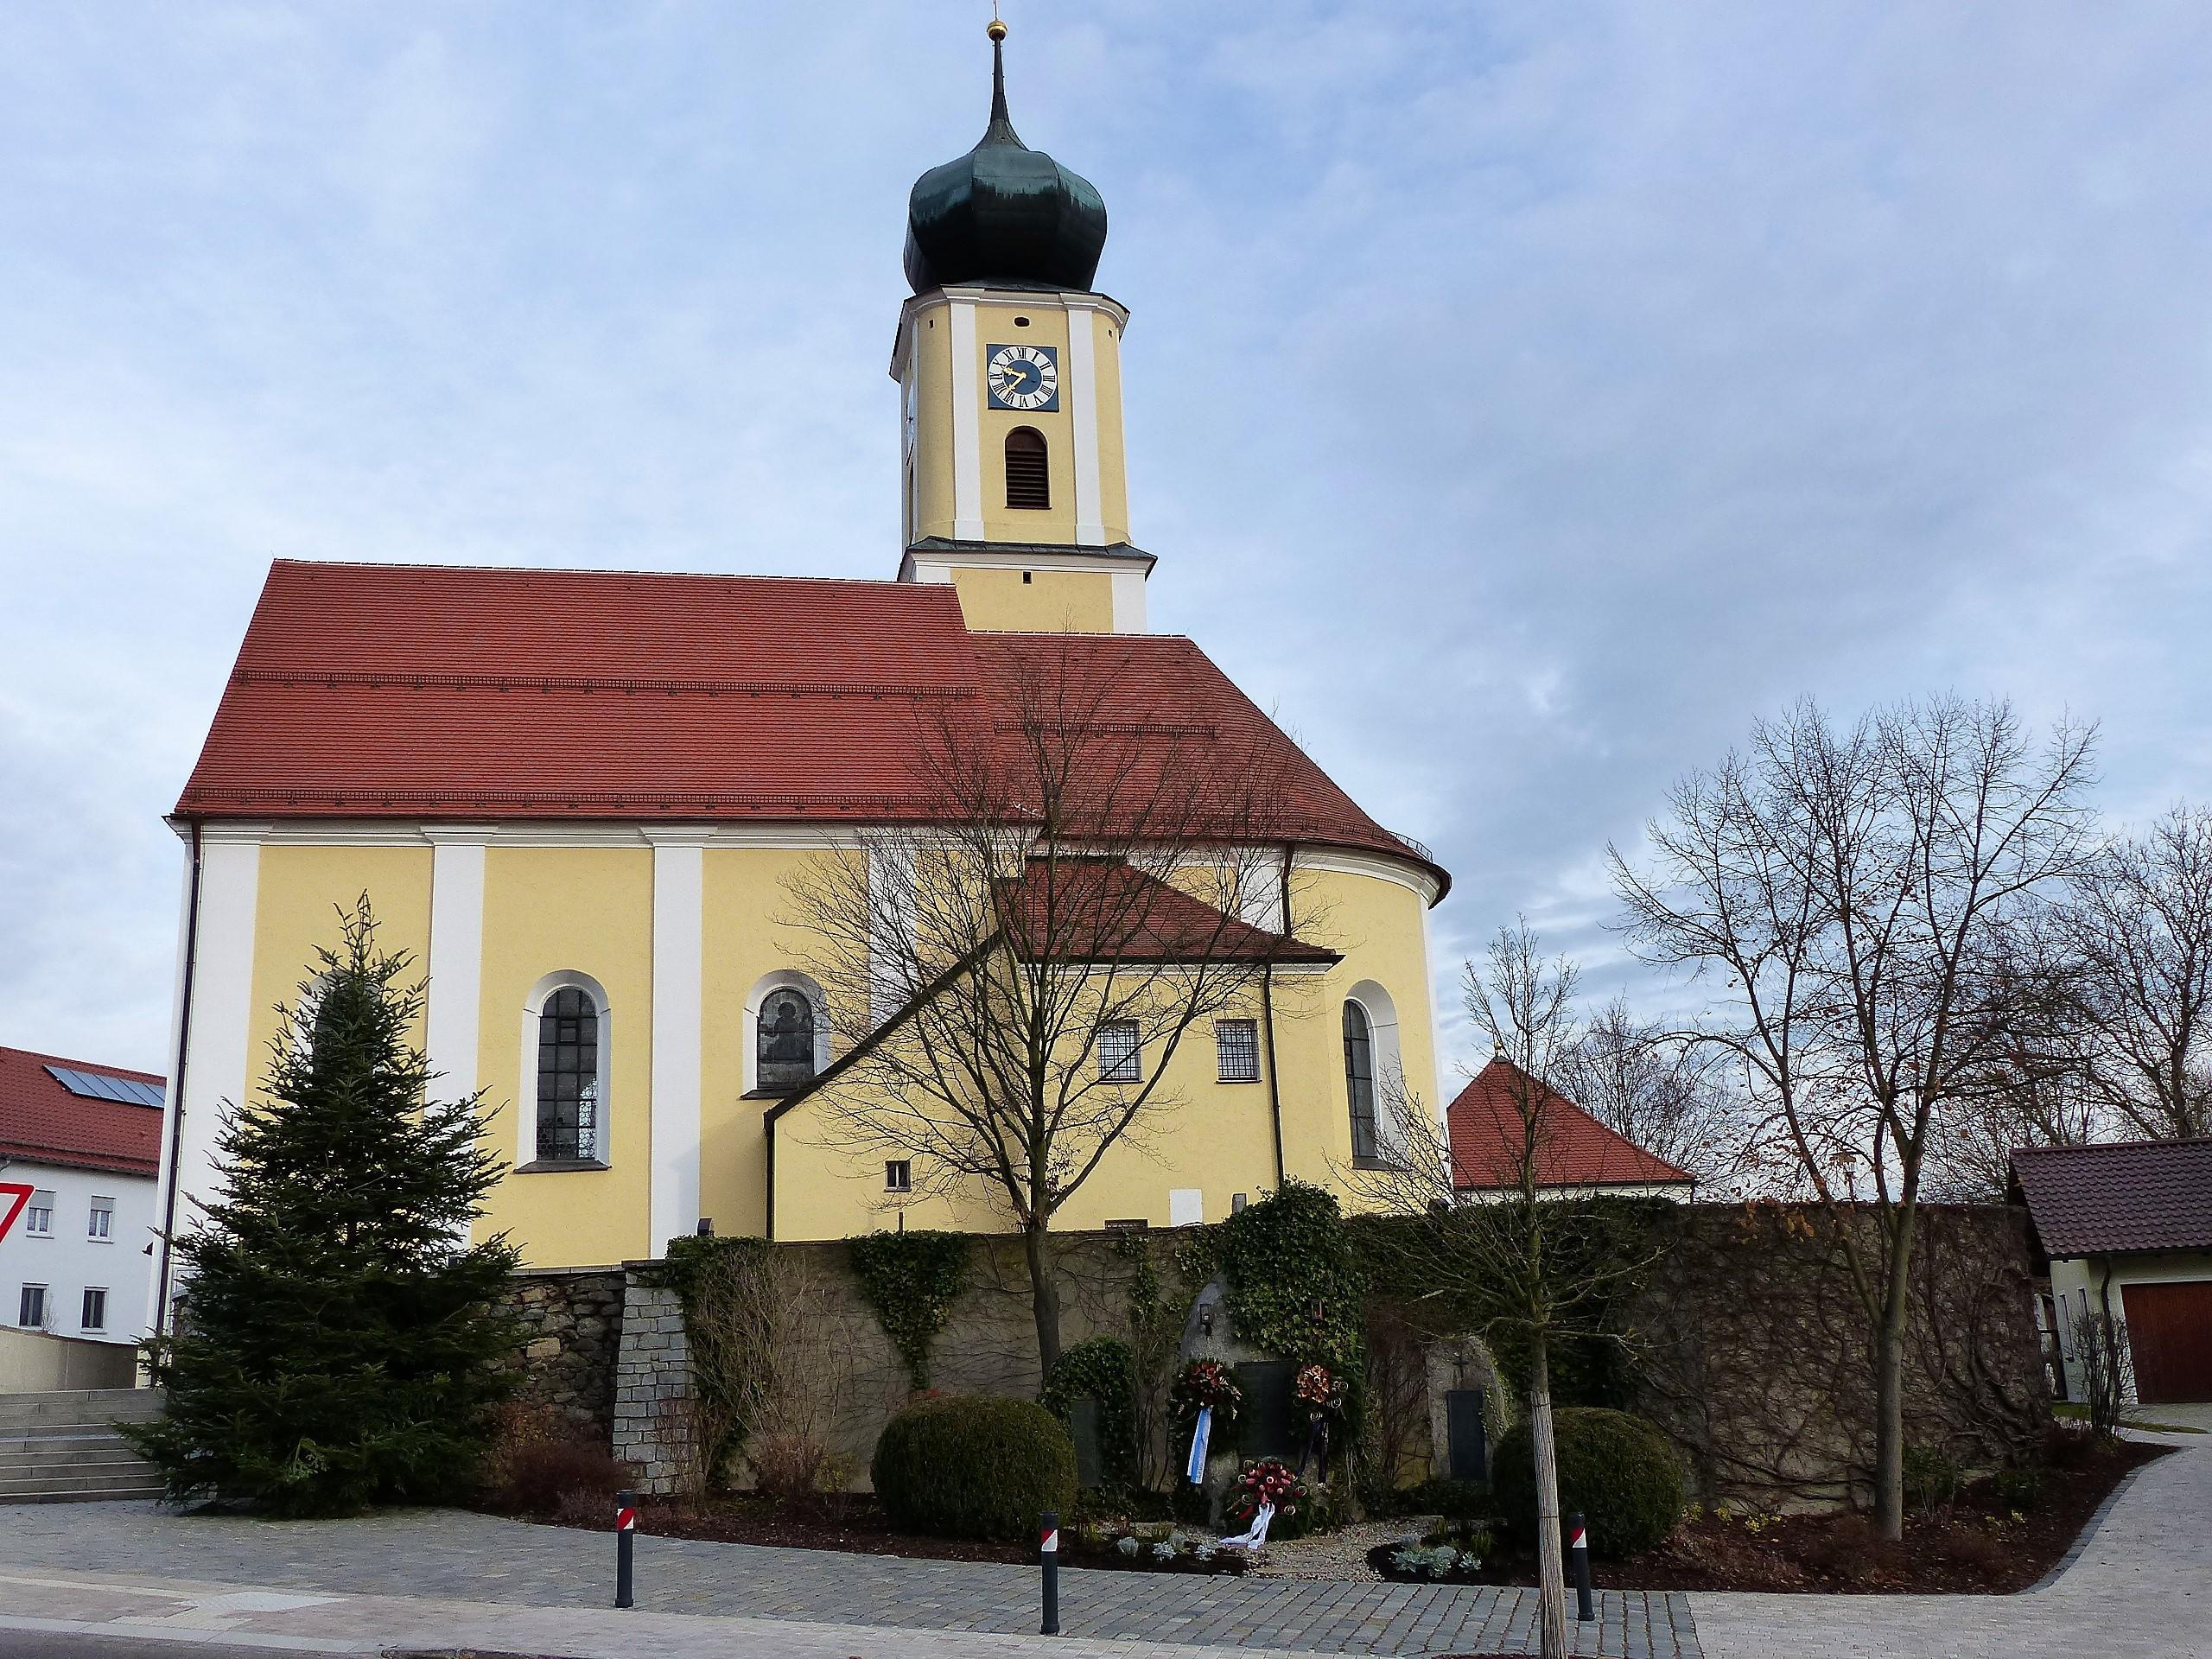 Kirchen & Glaube: Gemeinde Schorndorf